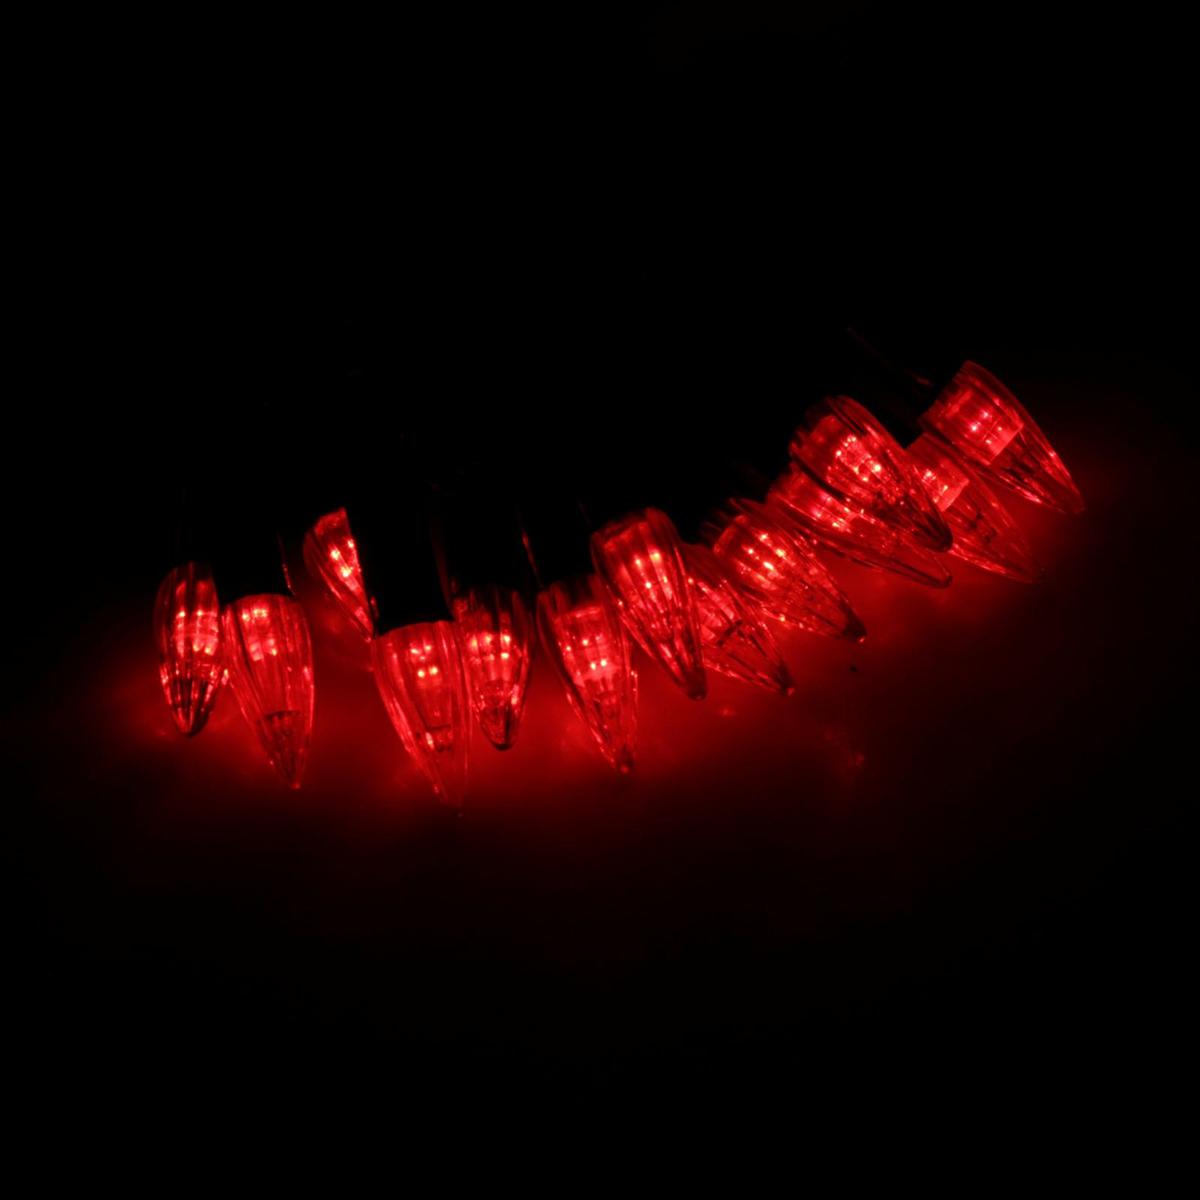 Гирлянда светодиодная Luazon Метраж. Свечки, уличная с насадкой, фиксинг, 40 ламп, 220 V, 5 м, цвет: красный. 185553185553Светодиодные гирлянды, ленты и т.д. — это отличный вариант для новогоднего оформления интерьера или фасада. С их помощью помещение любого размера можно превратить в праздничный зал, а внешние элементы зданий, украшенные ими, мгновенно станут напоминать очертания сказочного дворца. Такие украшения создают ауру предвкушения чуда. Деревья, фасады, витрины, окна и арки будто специально созданы, чтобы вы украсили их светящимися нитями.